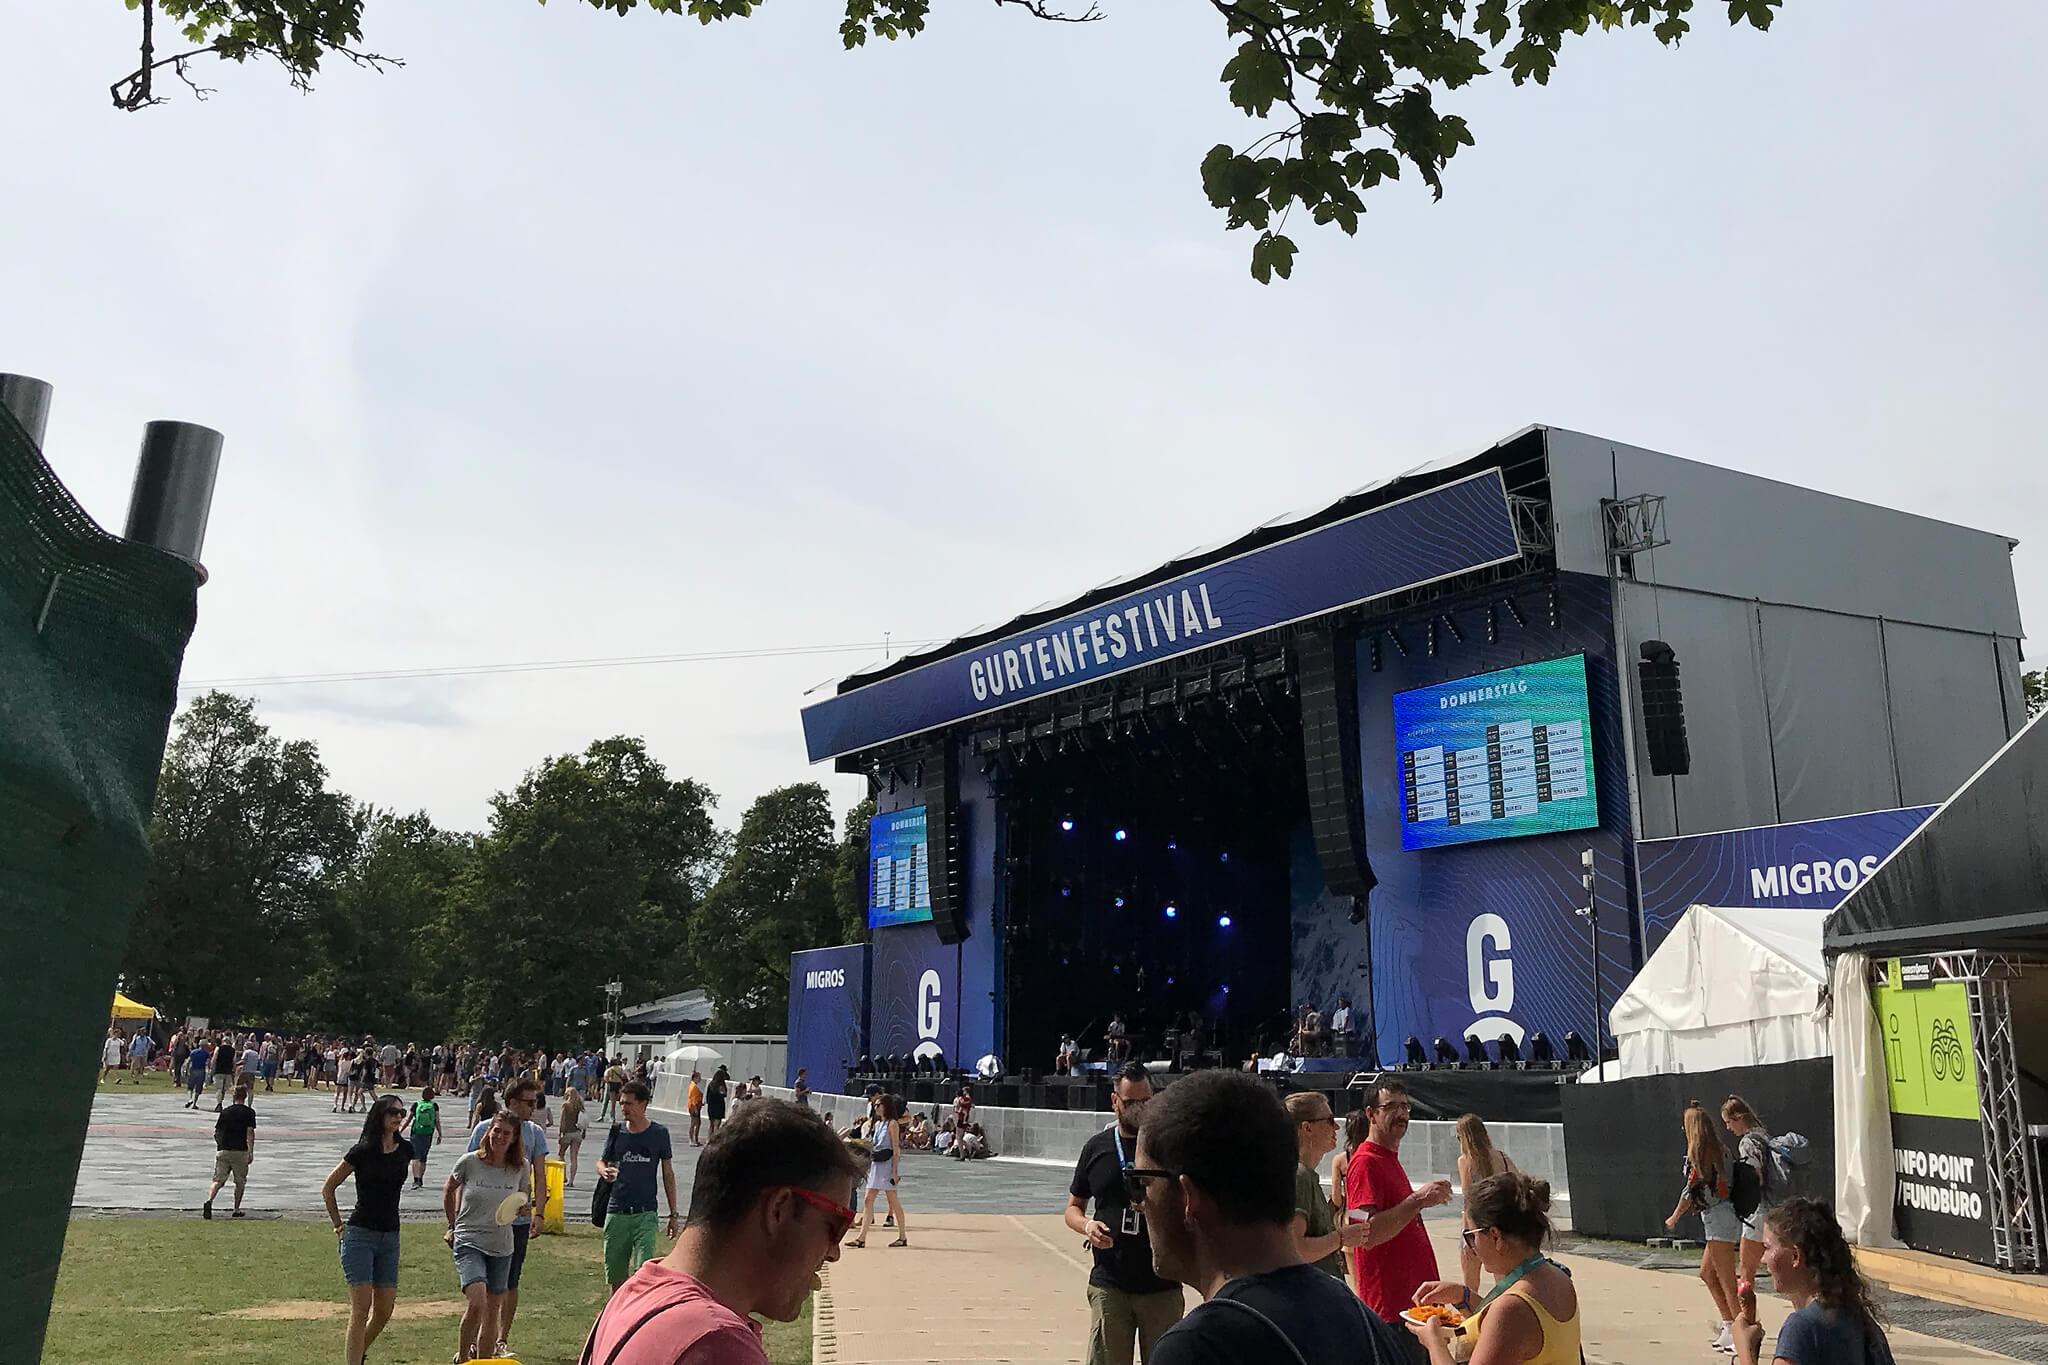 Gurtenfestival: Die zehn besten Konzert-Schnappschüsse aus dem vergangenen Jahr